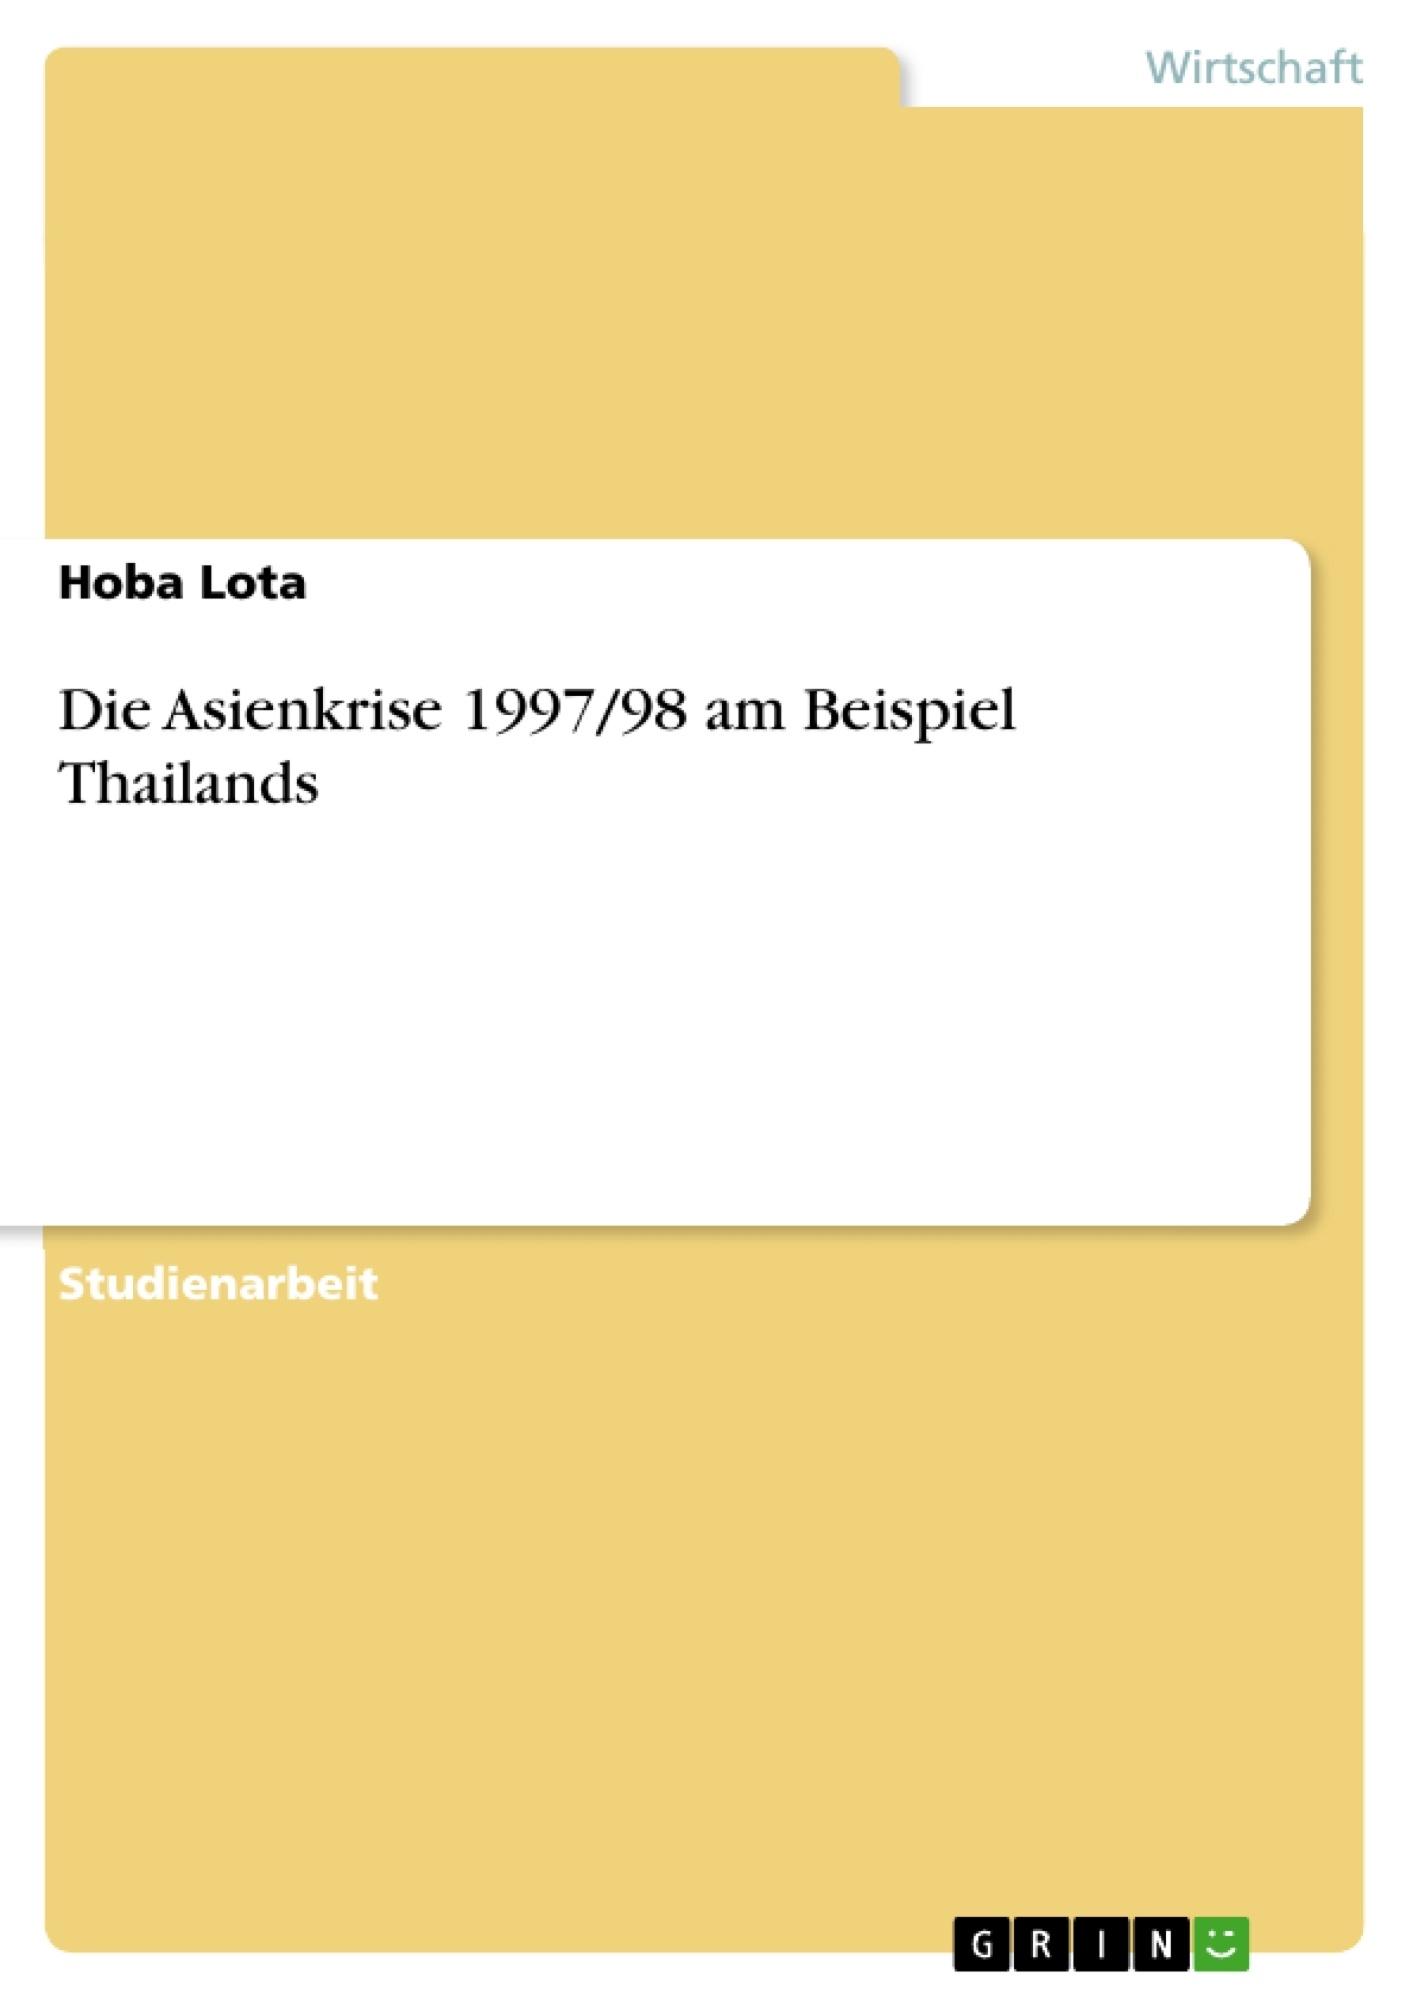 Titel: Die Asienkrise 1997/98 am Beispiel Thailands